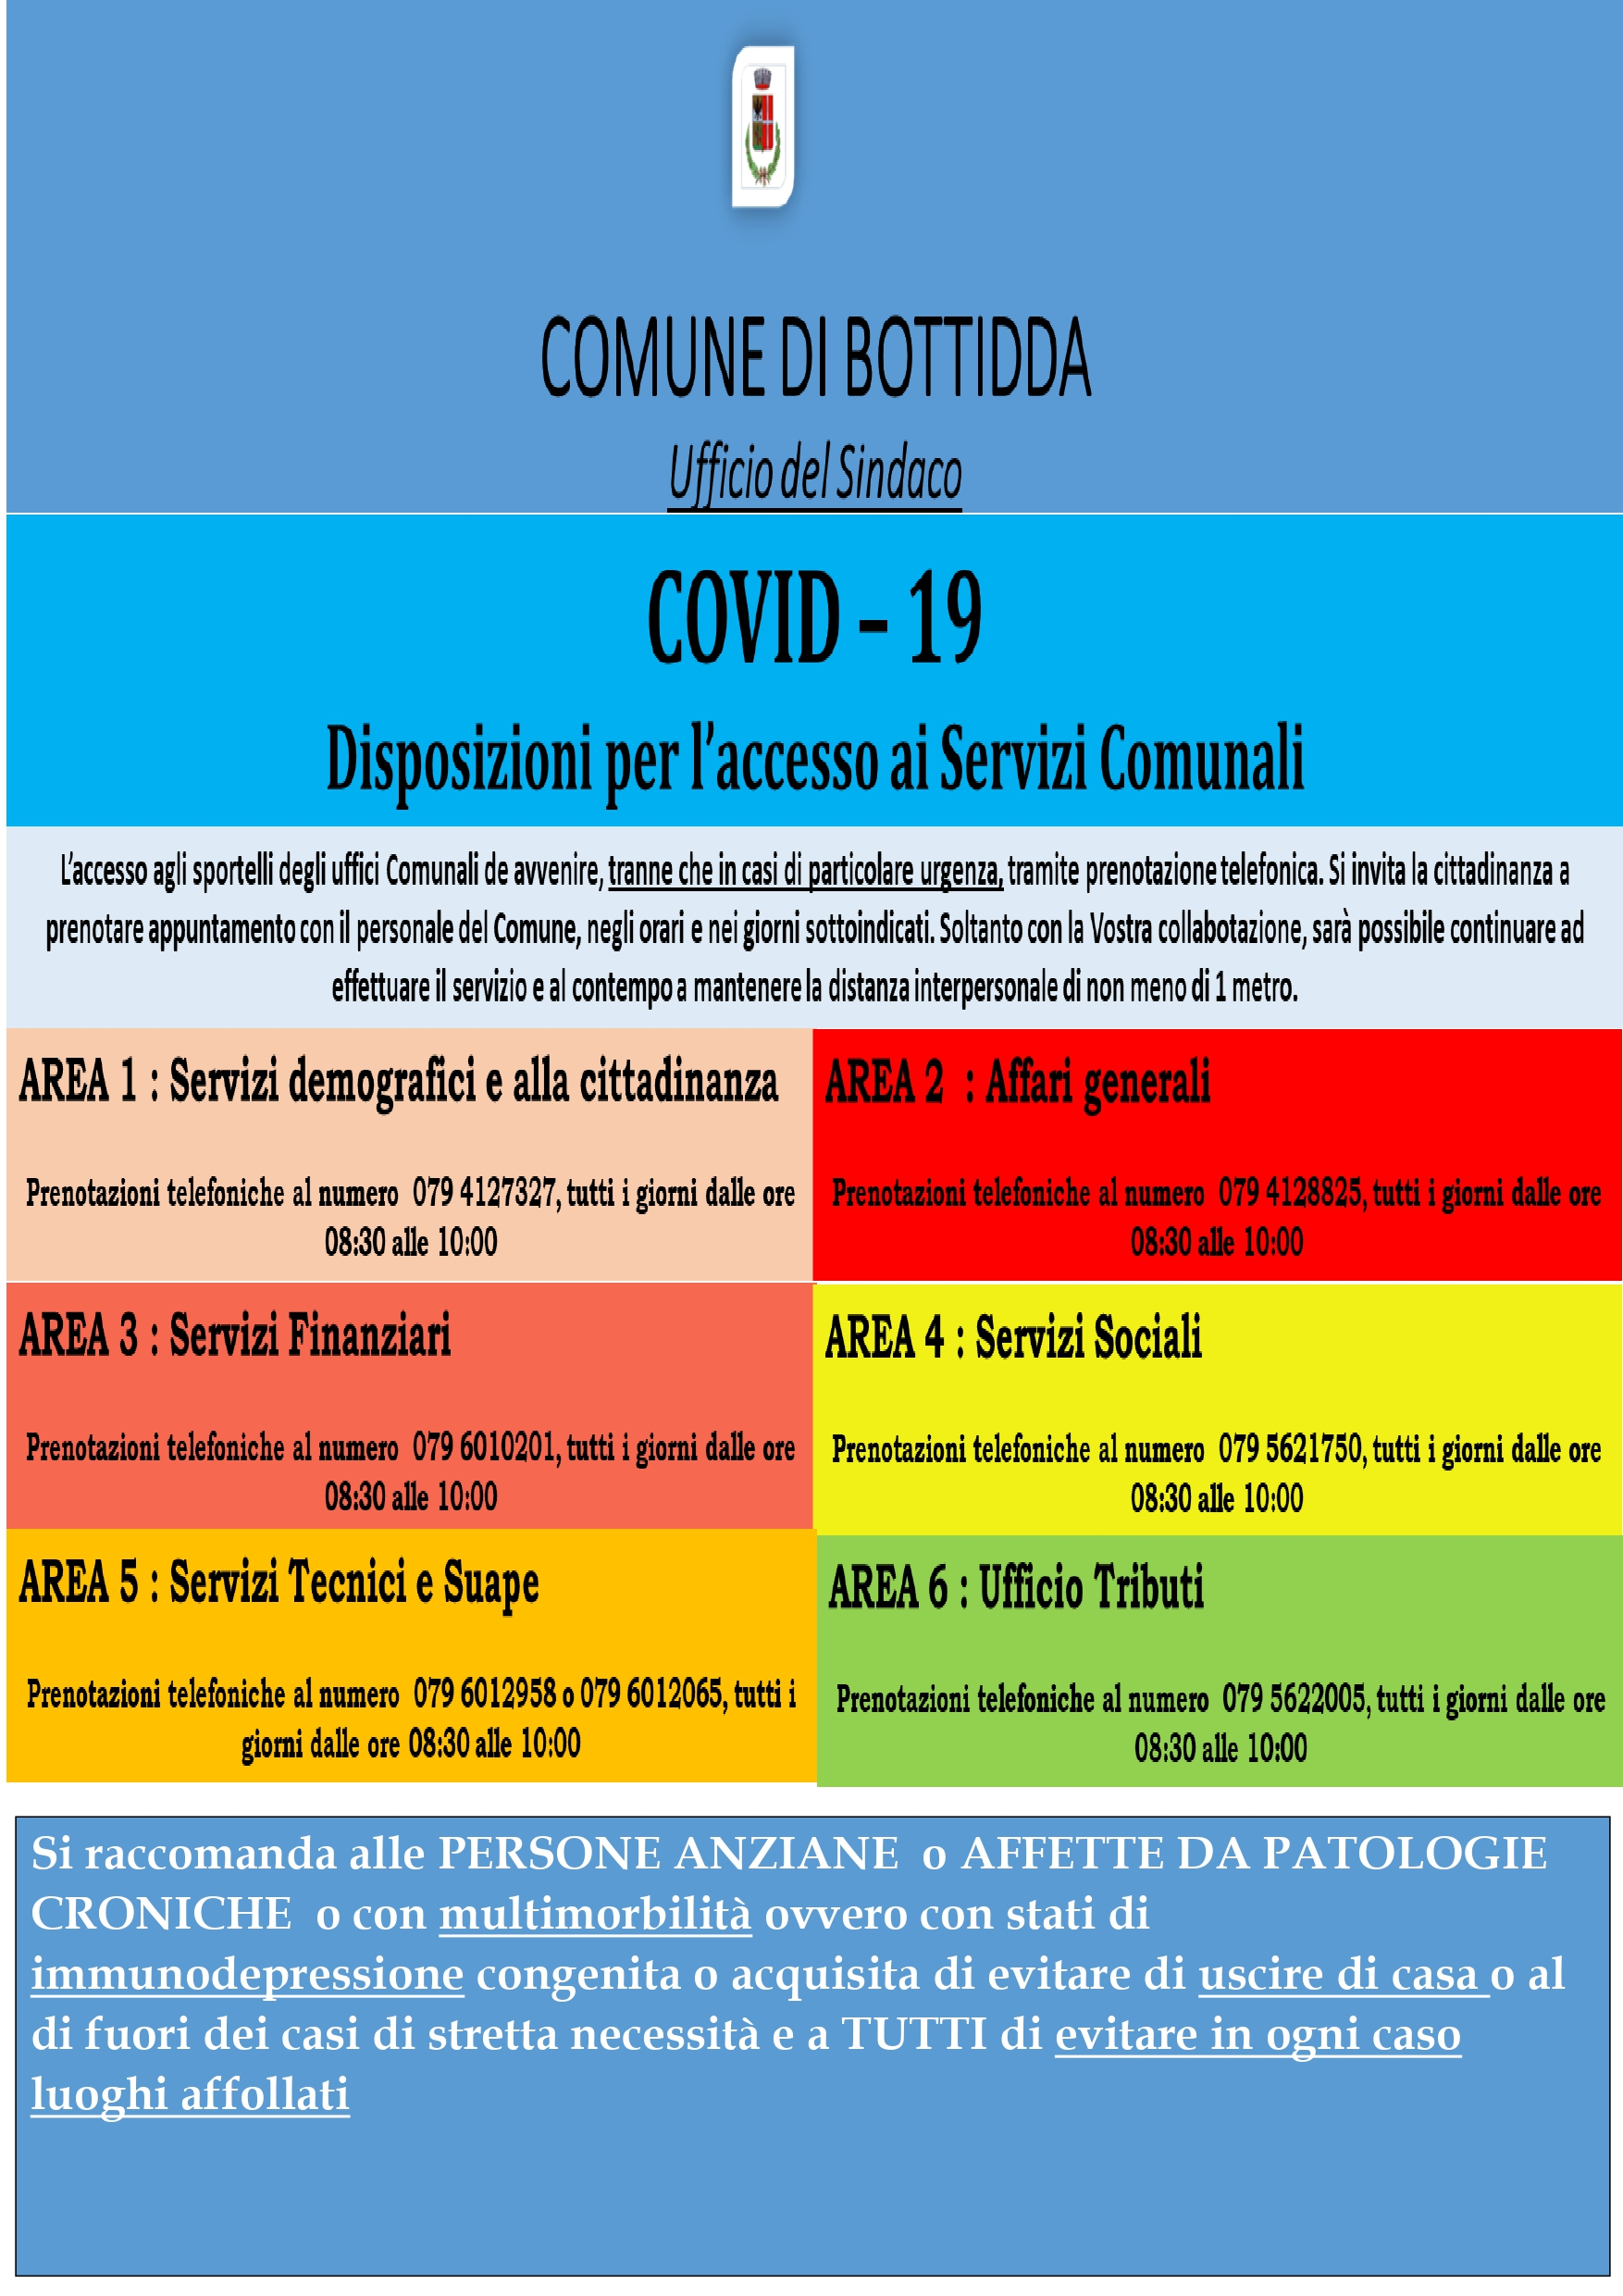 COVID-19 - DISPOSIZIONI PER L'ACCESSO AI SERVIZI COMUNALI